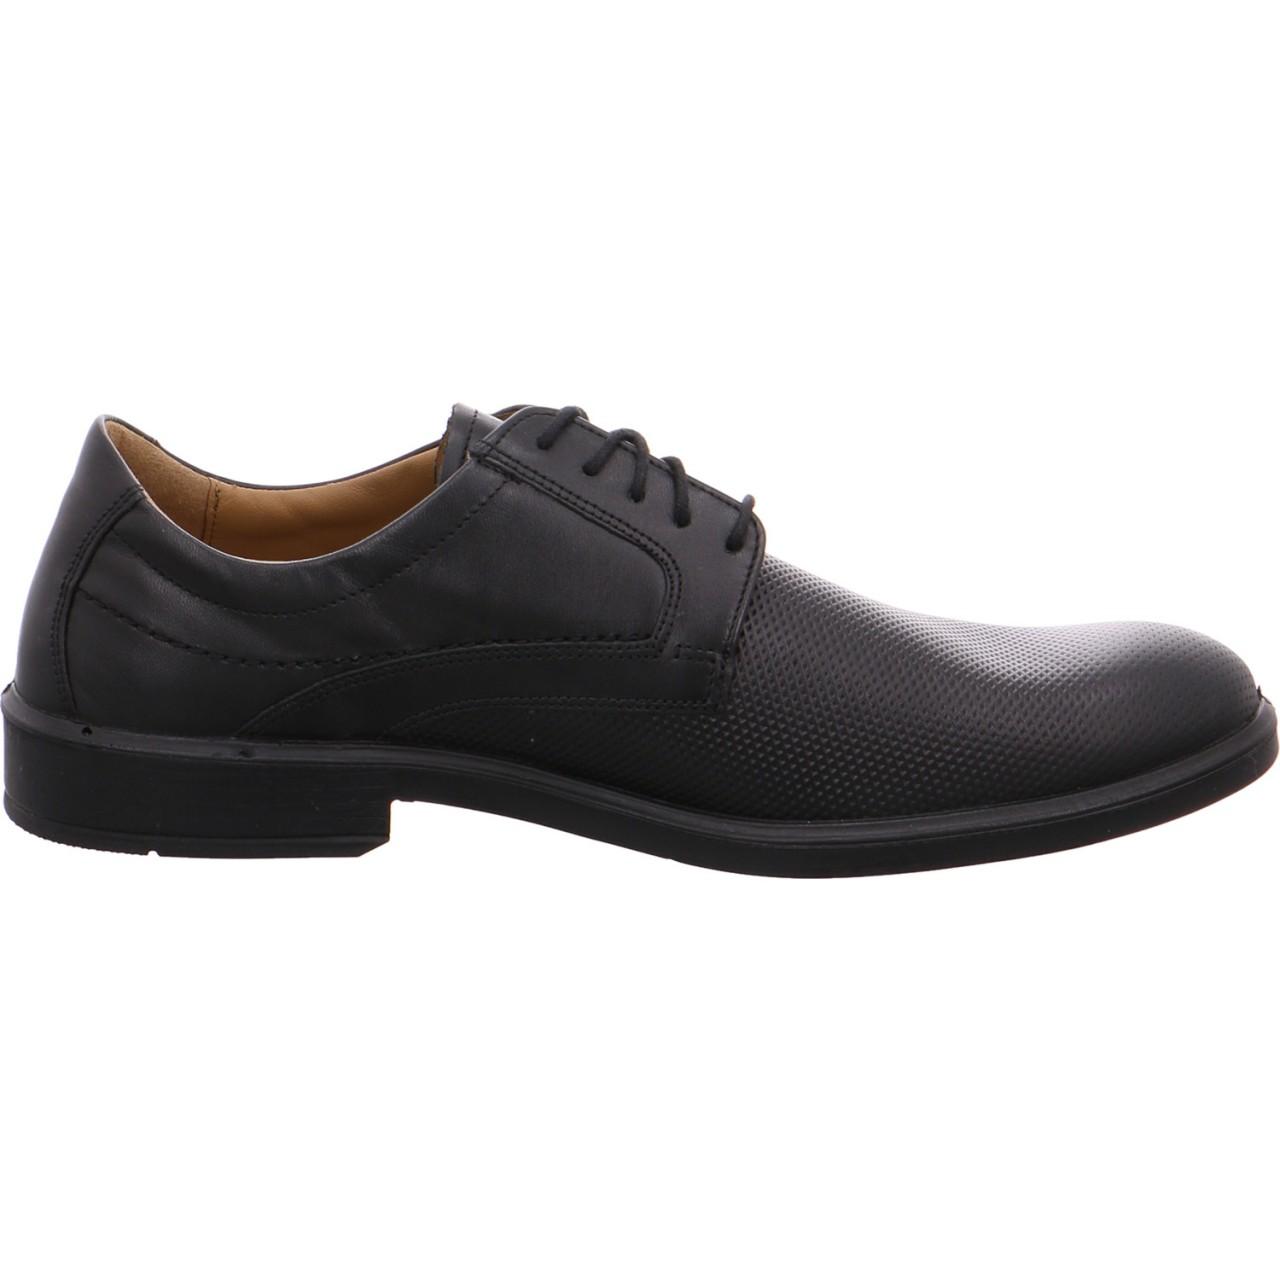 Jomos Business Schuhe Männer 208205